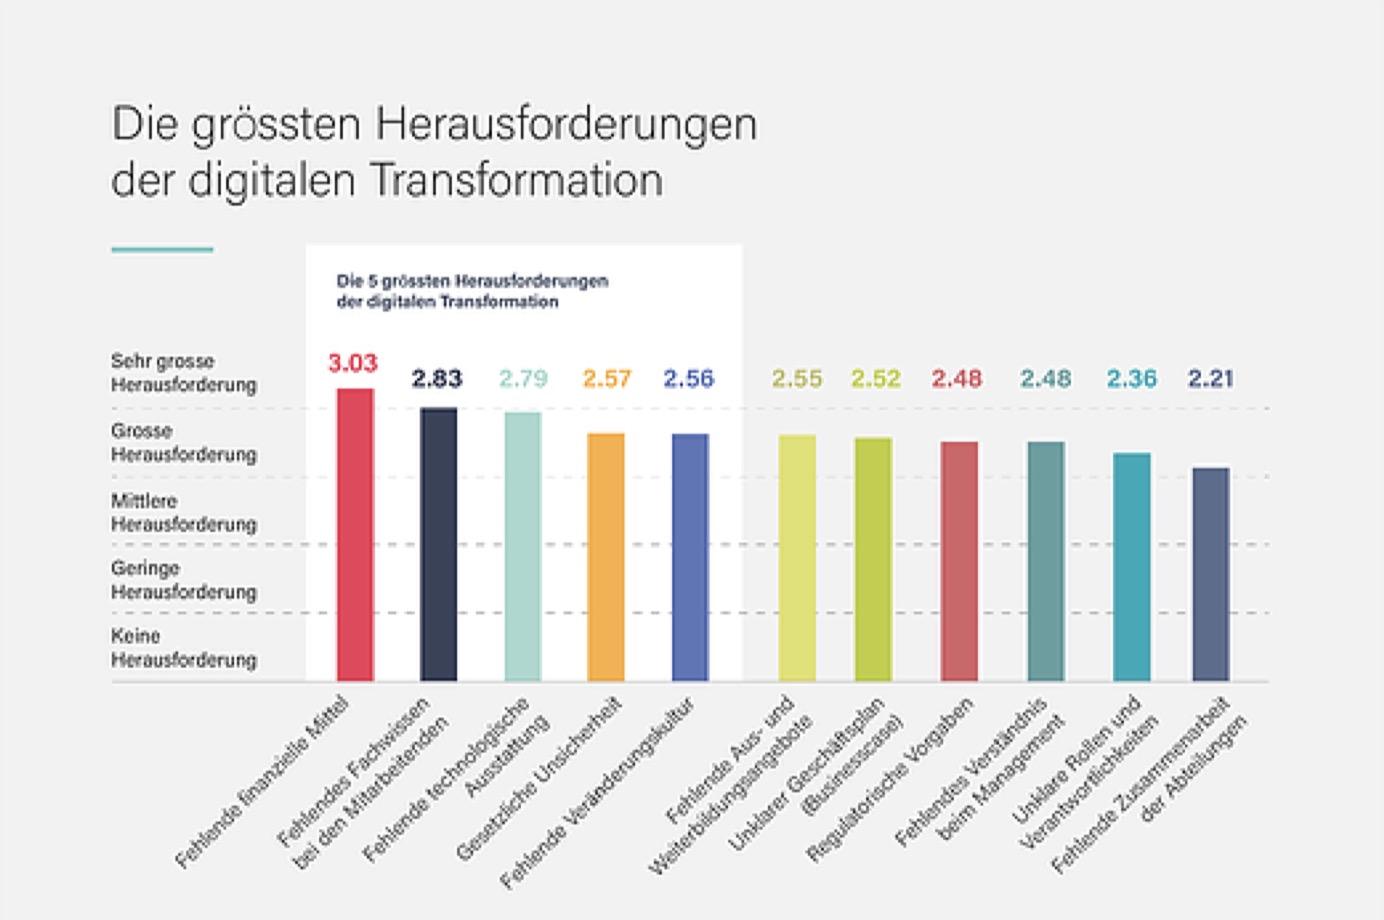 Herausforderungen digitale Transformation